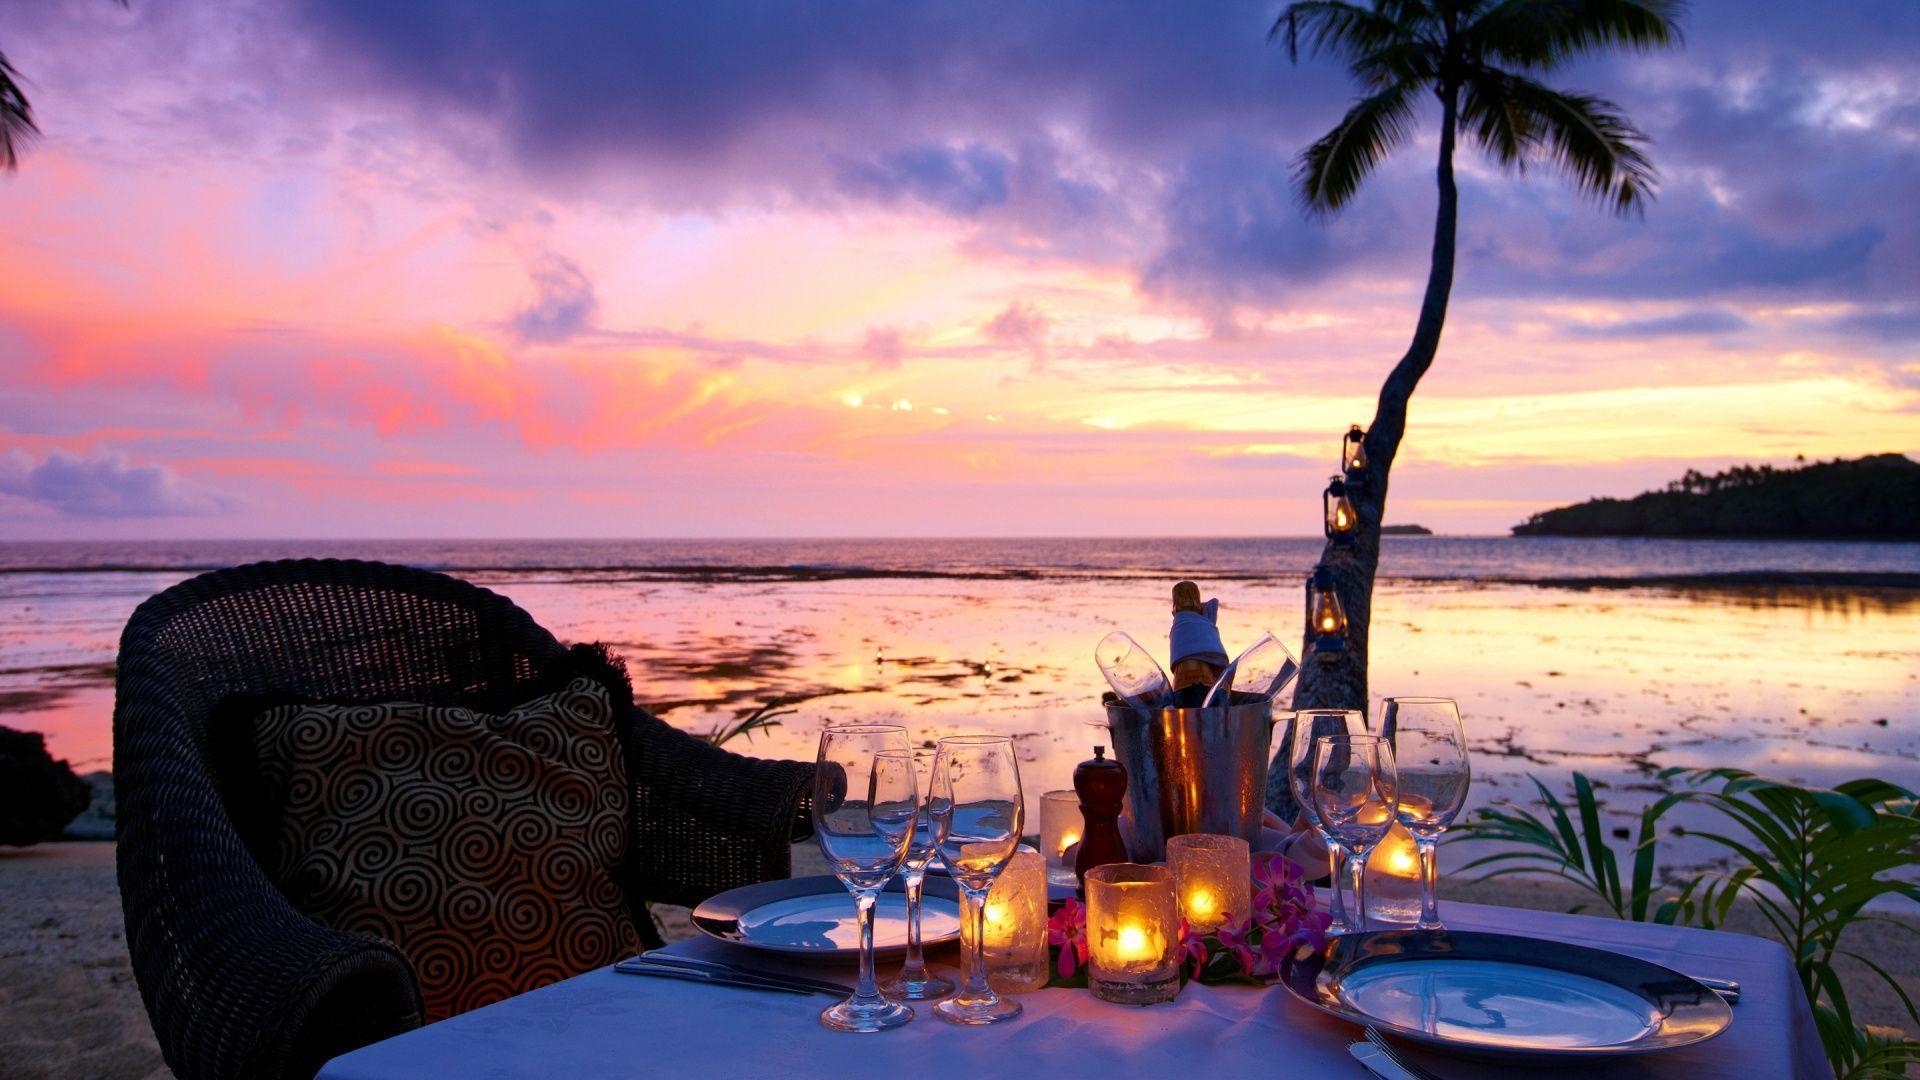 прекрасный вечер на море картинки его философии человек